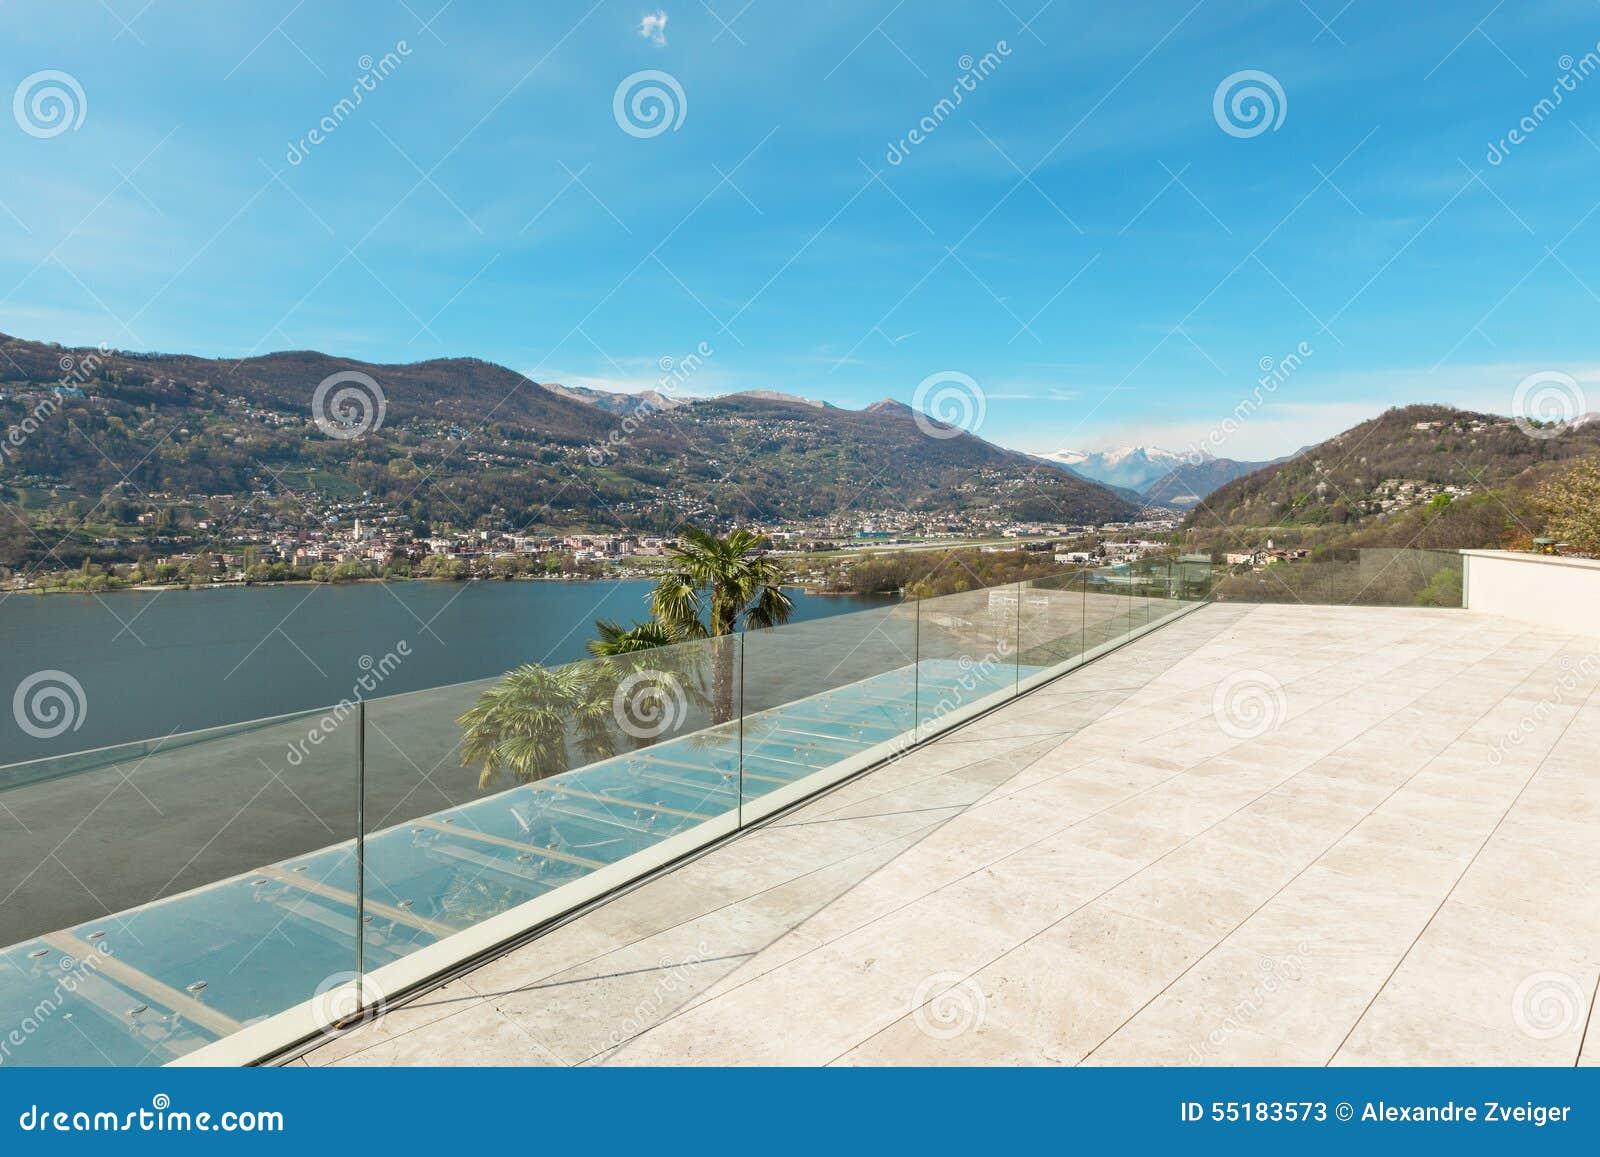 Дом, красивая веранда обозревая озеро